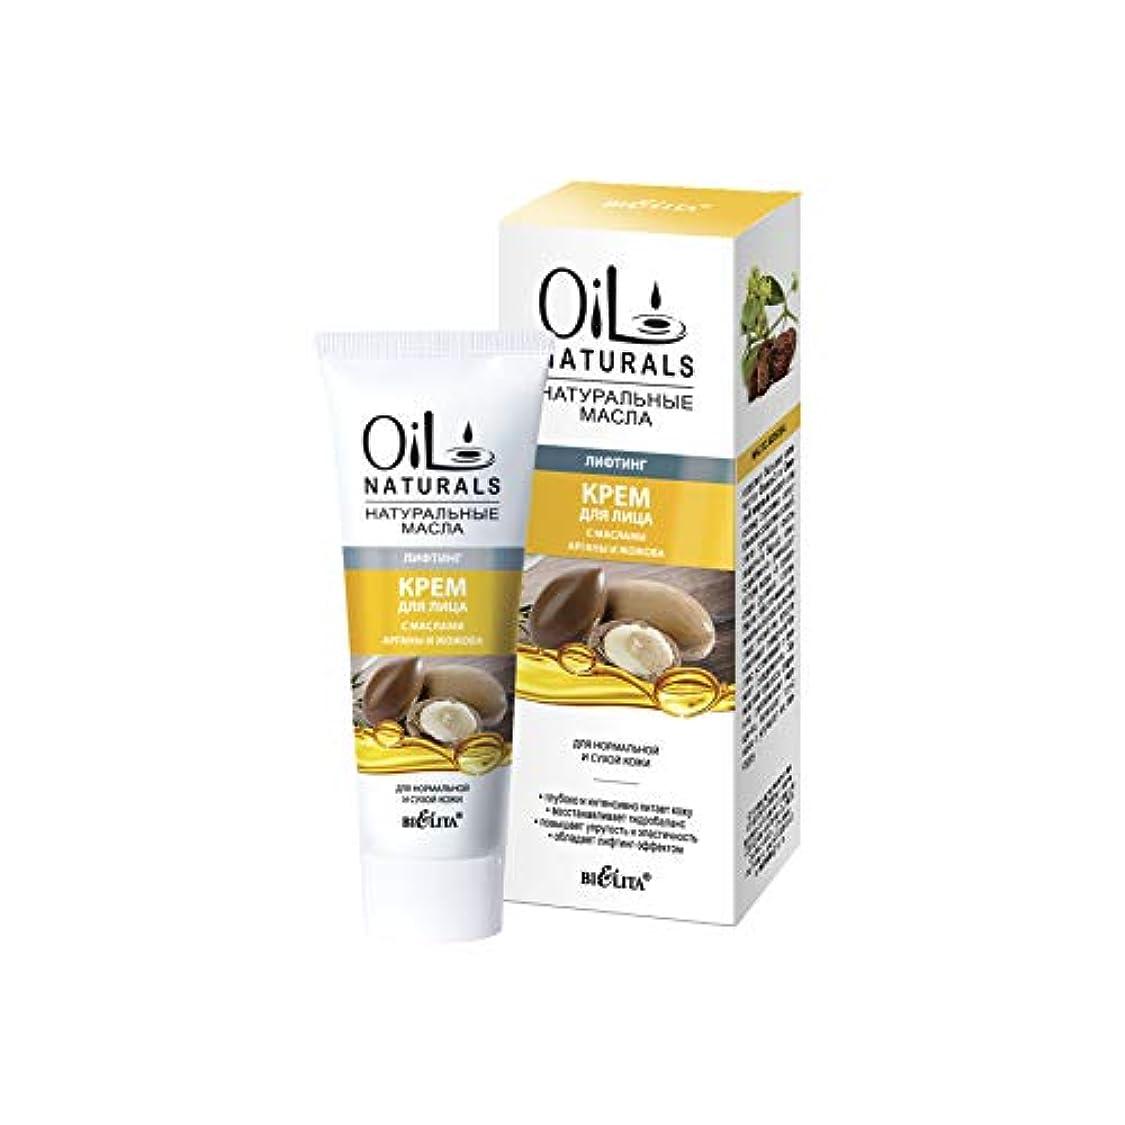 過度の好み軍Bielita & Vitex | Argan Oil, Jojoba Oil Moisturising Cream for the Face 50ml | Intensive Moisturizer With Natural...